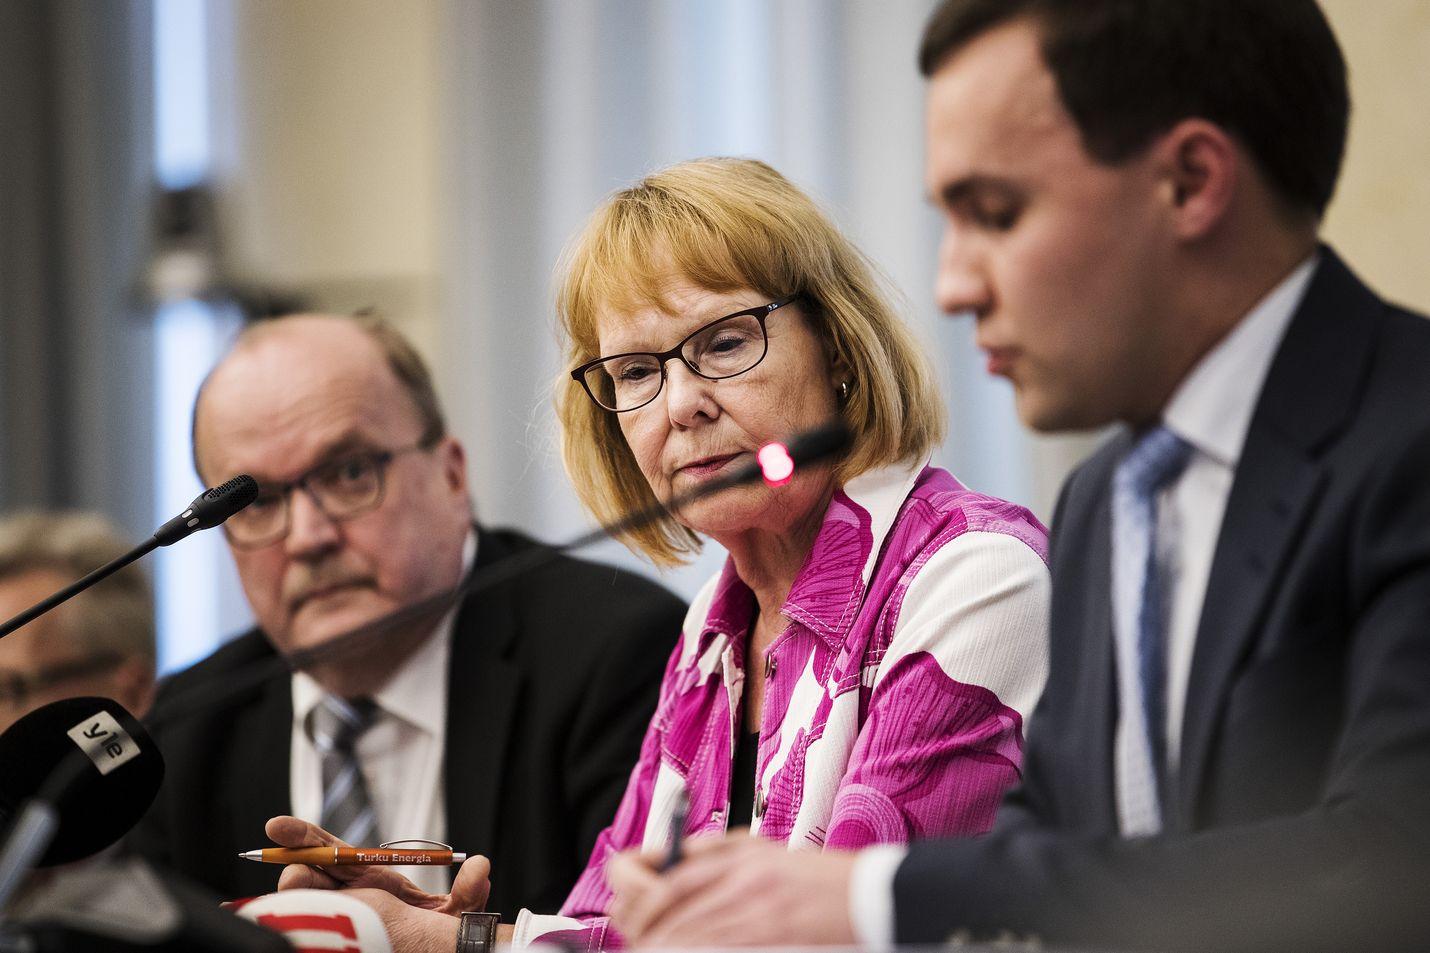 Taas on paljon pelissä, kun perustuslakivaliokunta antaa sote-lausuntonsa. Kuva viime kesäkuulta, jolloin lautakunta antoi edellisen arvionsa. Keskellä istuu lautakunnan puheenjohtaja, Vasemmistoliiton Annika Lapintie. Oikealla on kokoomuksen Wille Rydman ja vasemmalla keskustan Tapani Tölli.